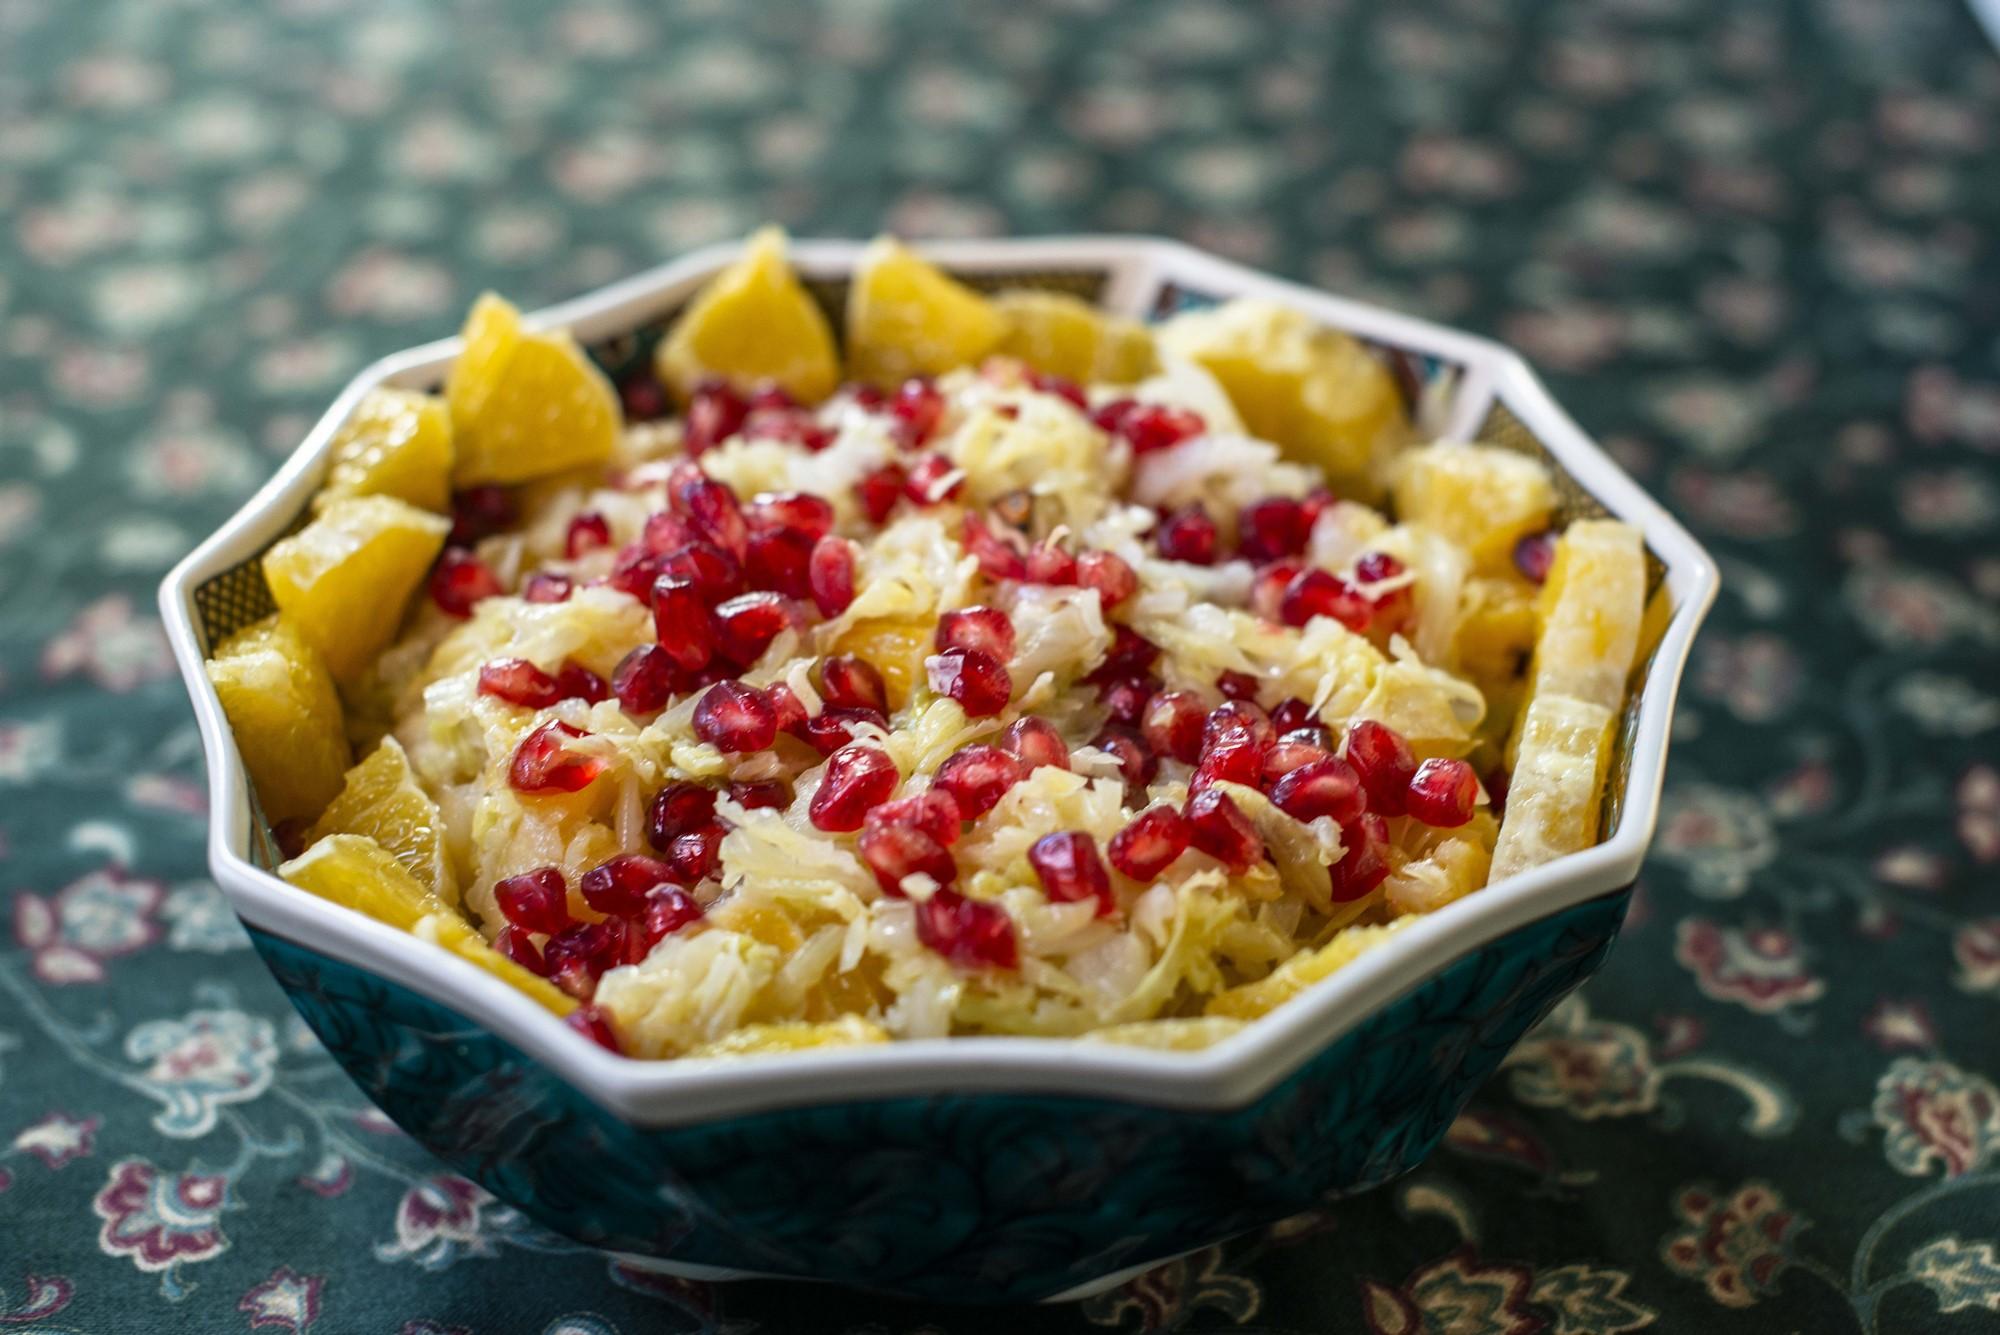 Esta ensalada proporciona una alegre mezcla de colores a la mesa.